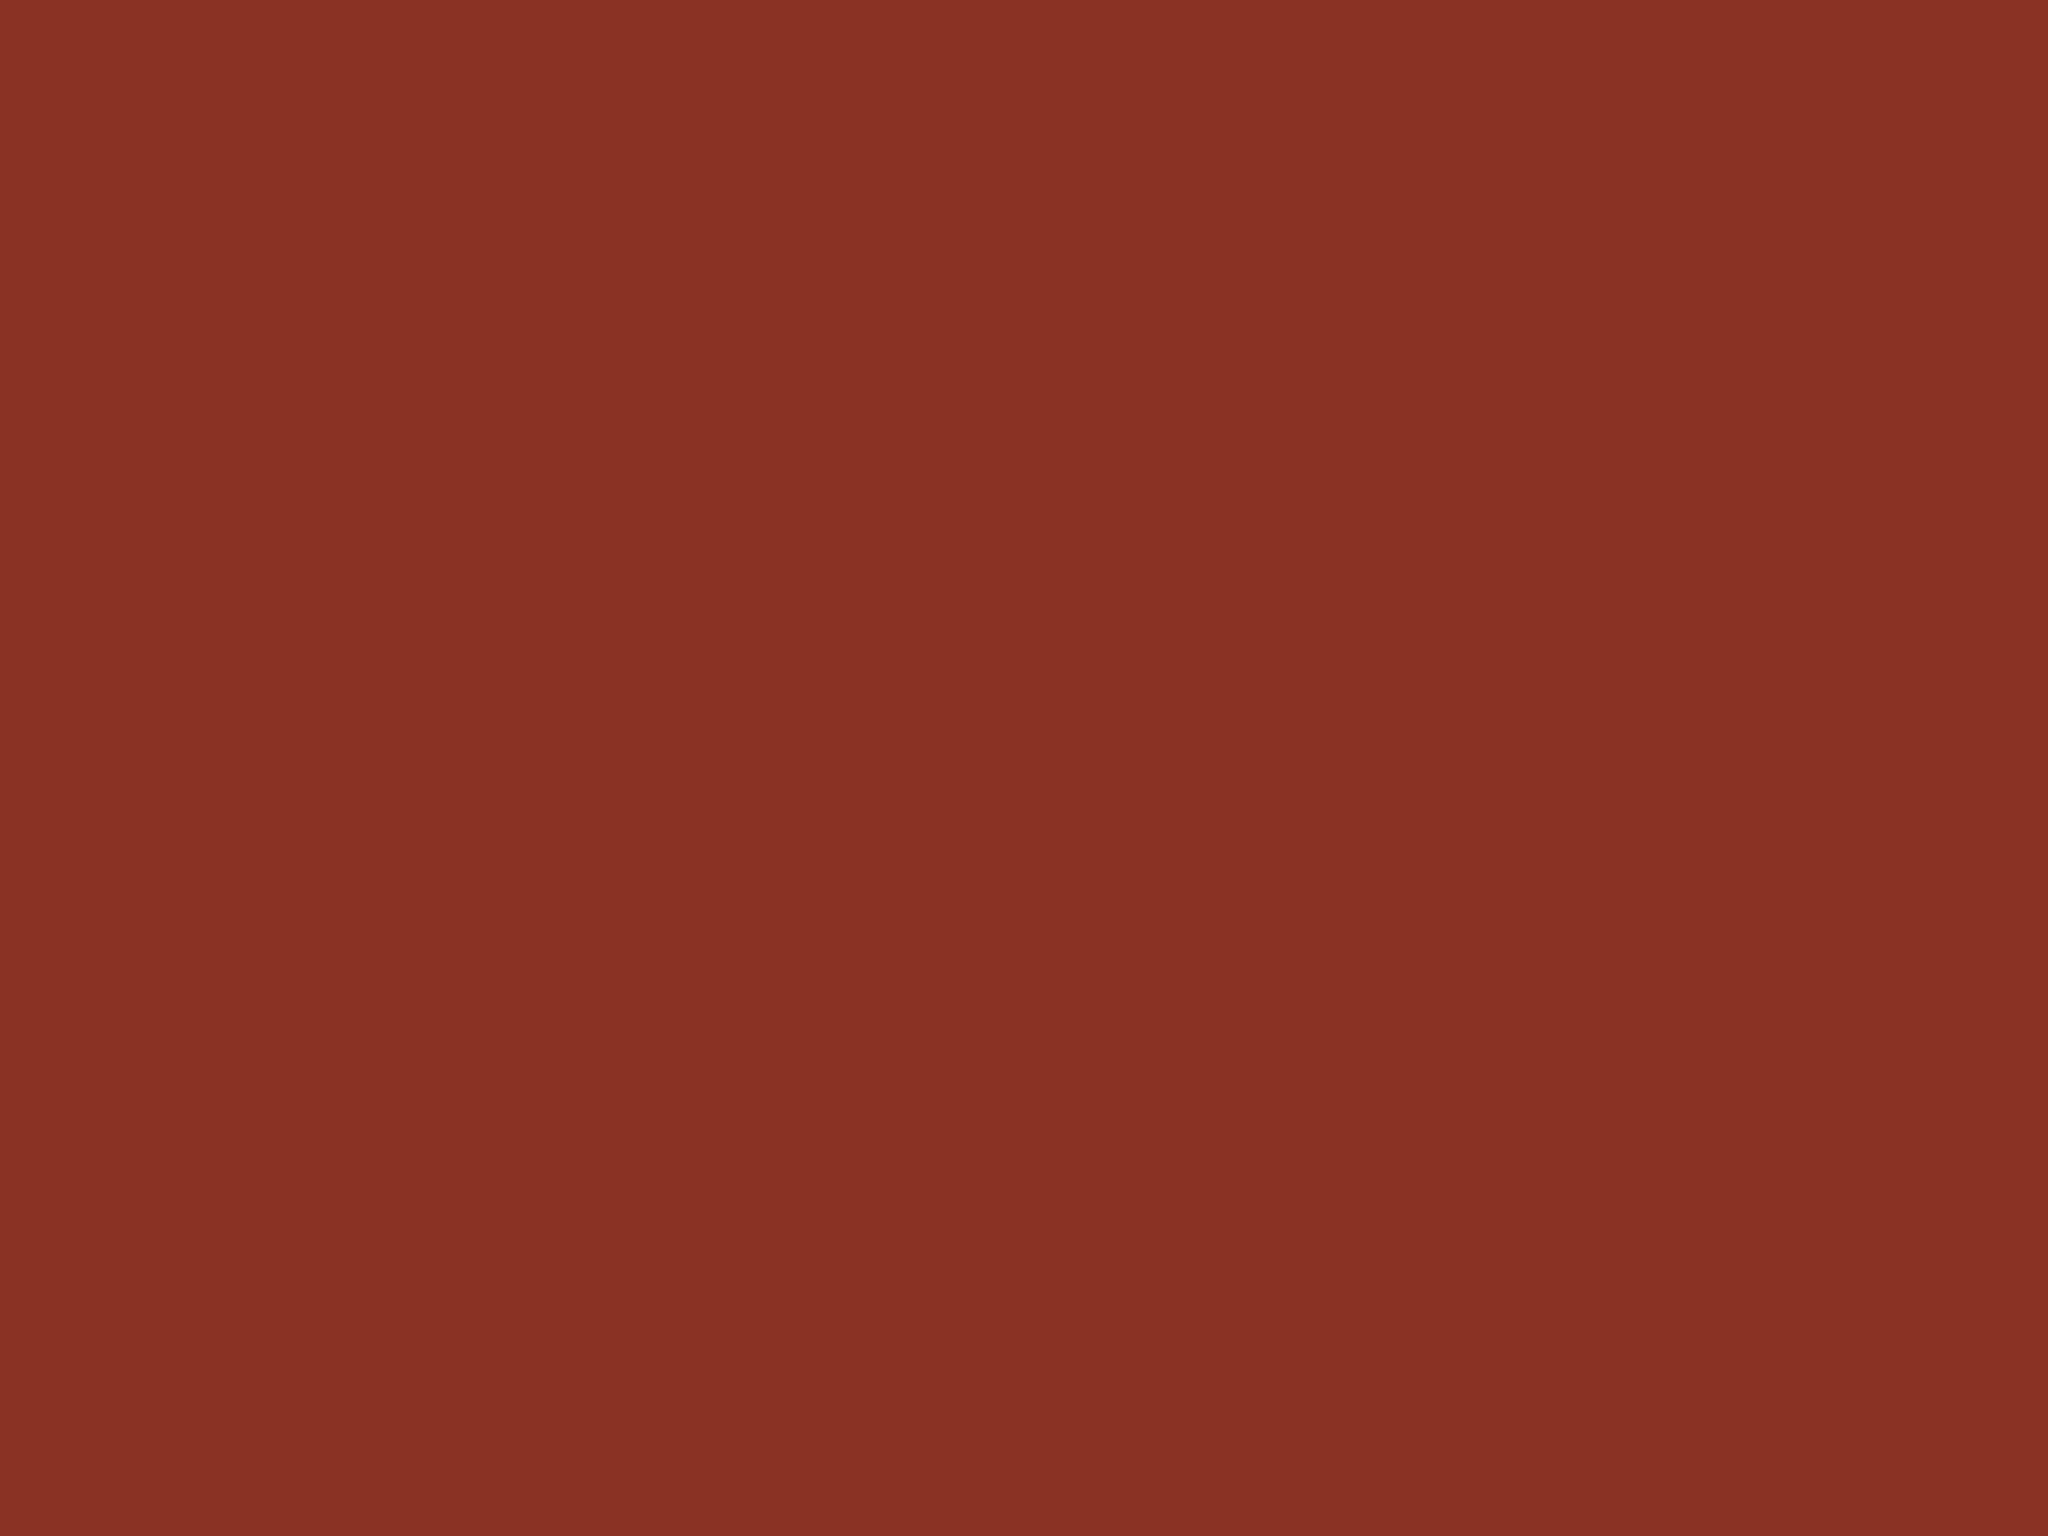 2048x1536 Burnt Umber Solid Color Background